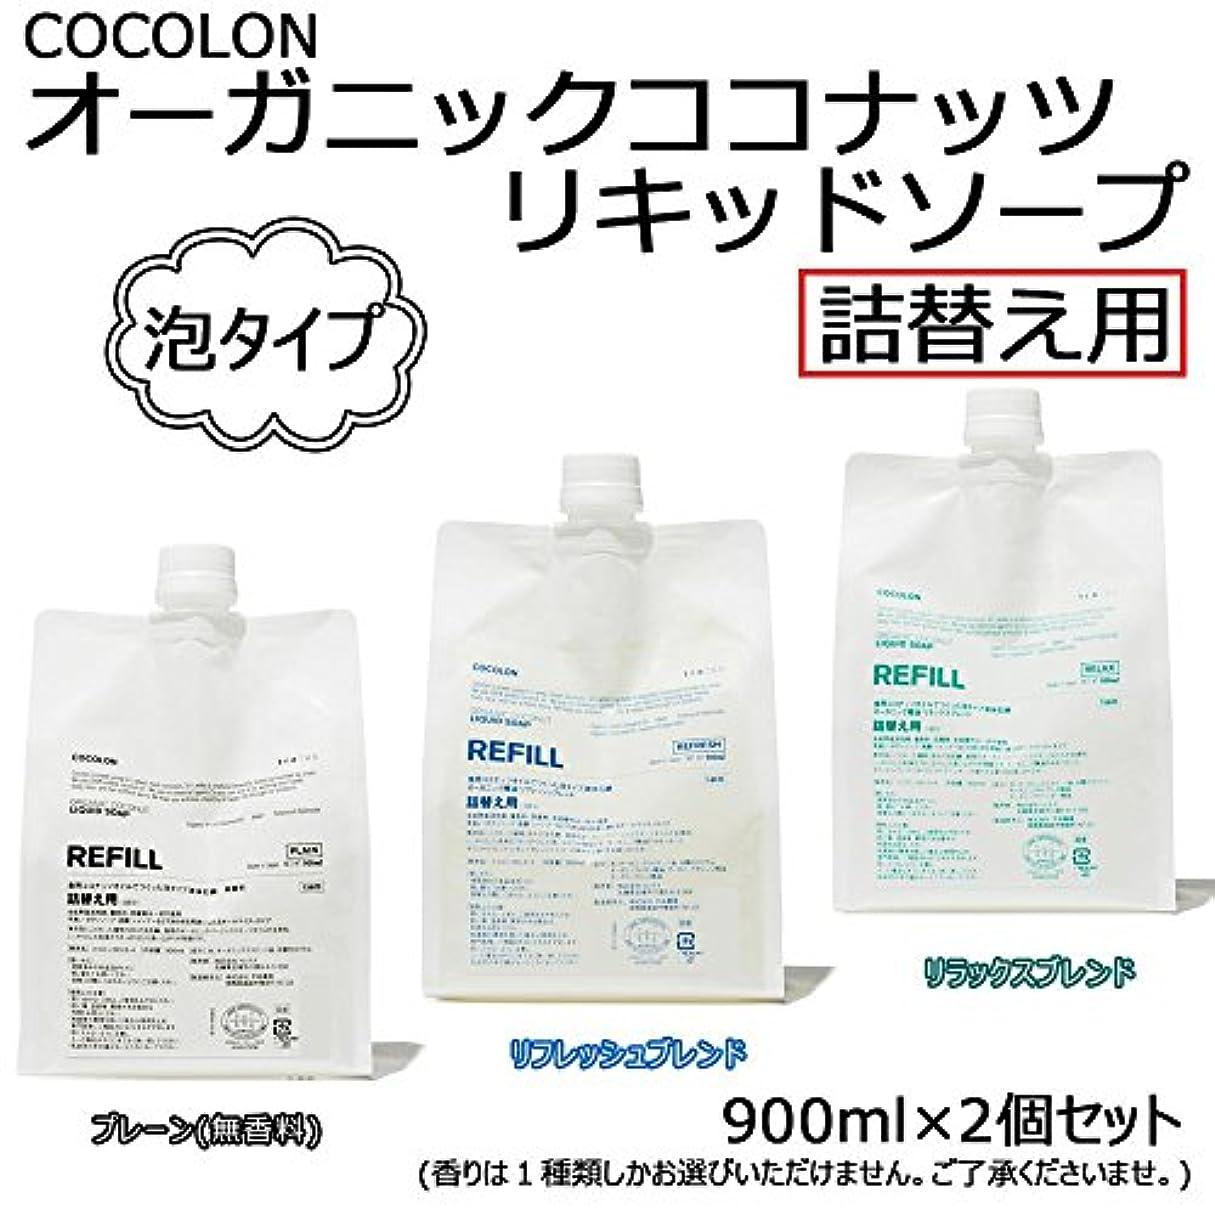 まっすぐにする誓いセンチメンタルCOCOLON ココロン オーガニックココナッツリキッドソープ 泡タイプ 詰替え用 900ml 2個セット リフレッシュブレンド